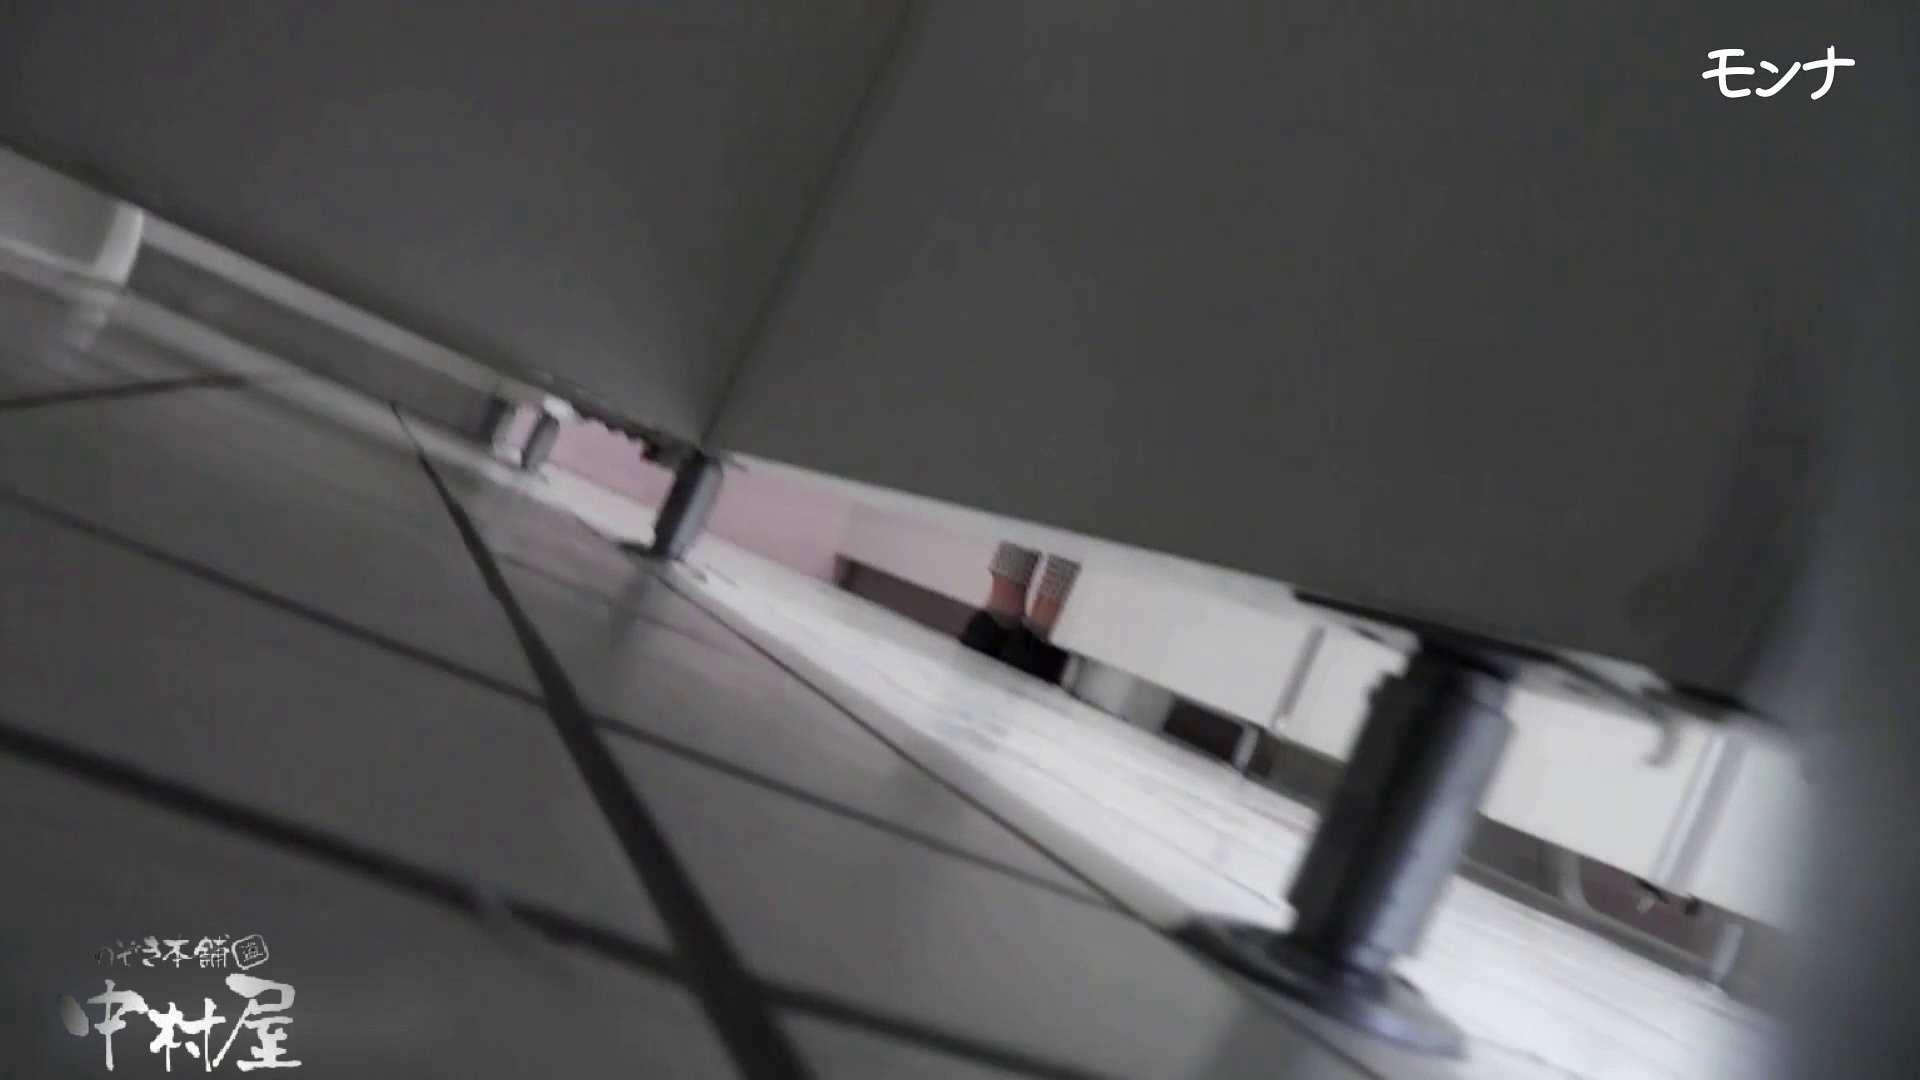 【美しい日本の未来】美しい日本の未来 No.73 自然なセクシーな仕草に感動中 トイレの中の女の子 盗み撮り動画 42連発 3